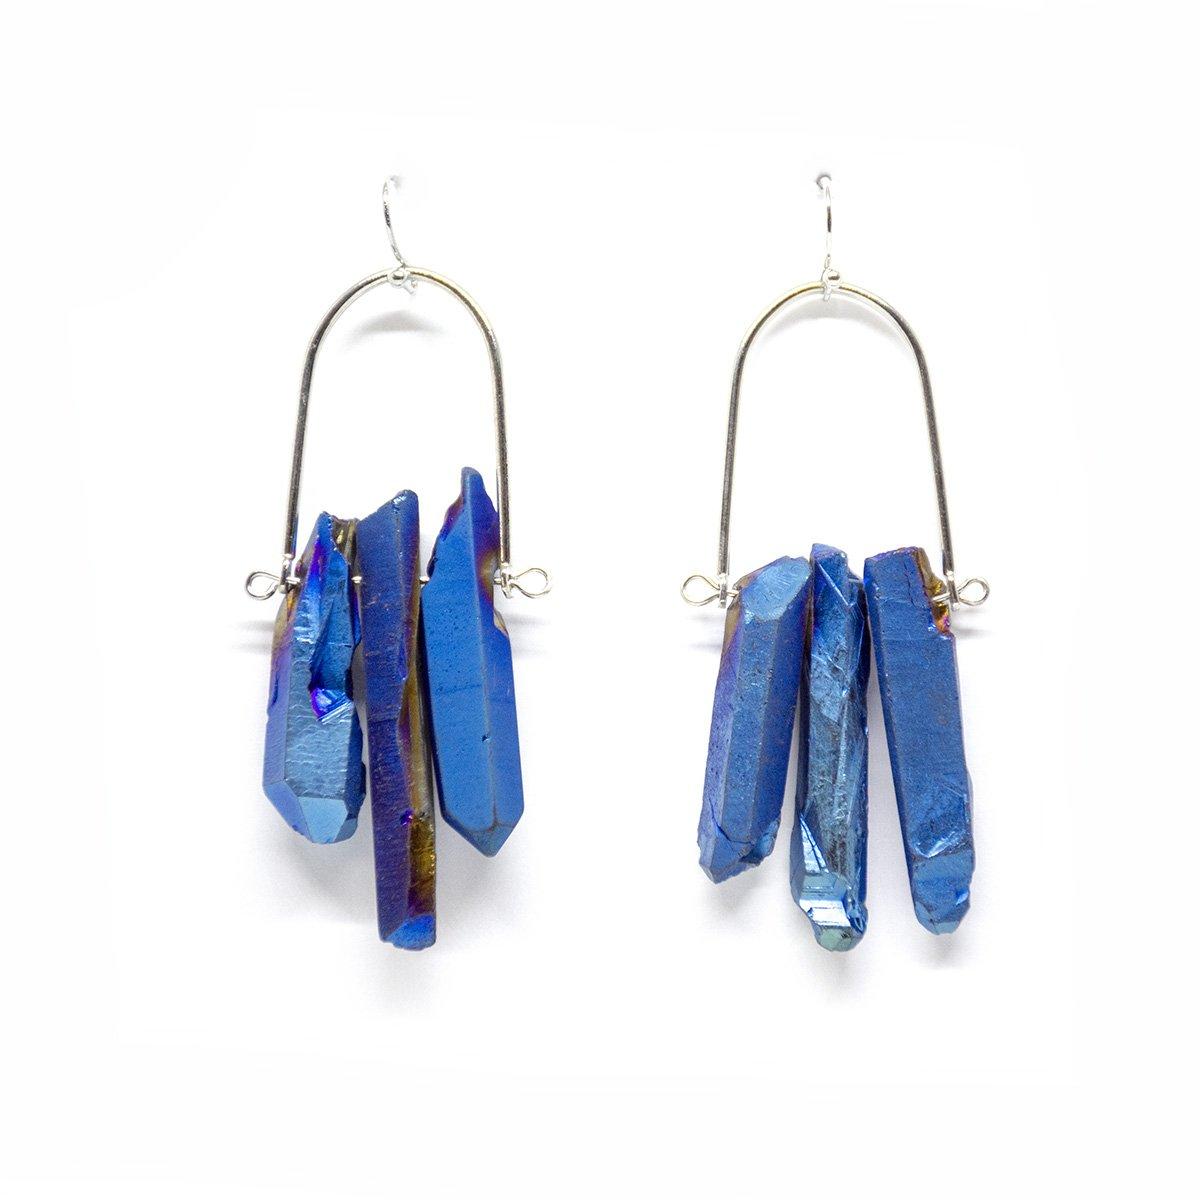 sieraden blauwe oorbellen natuursteen cadeau earrings